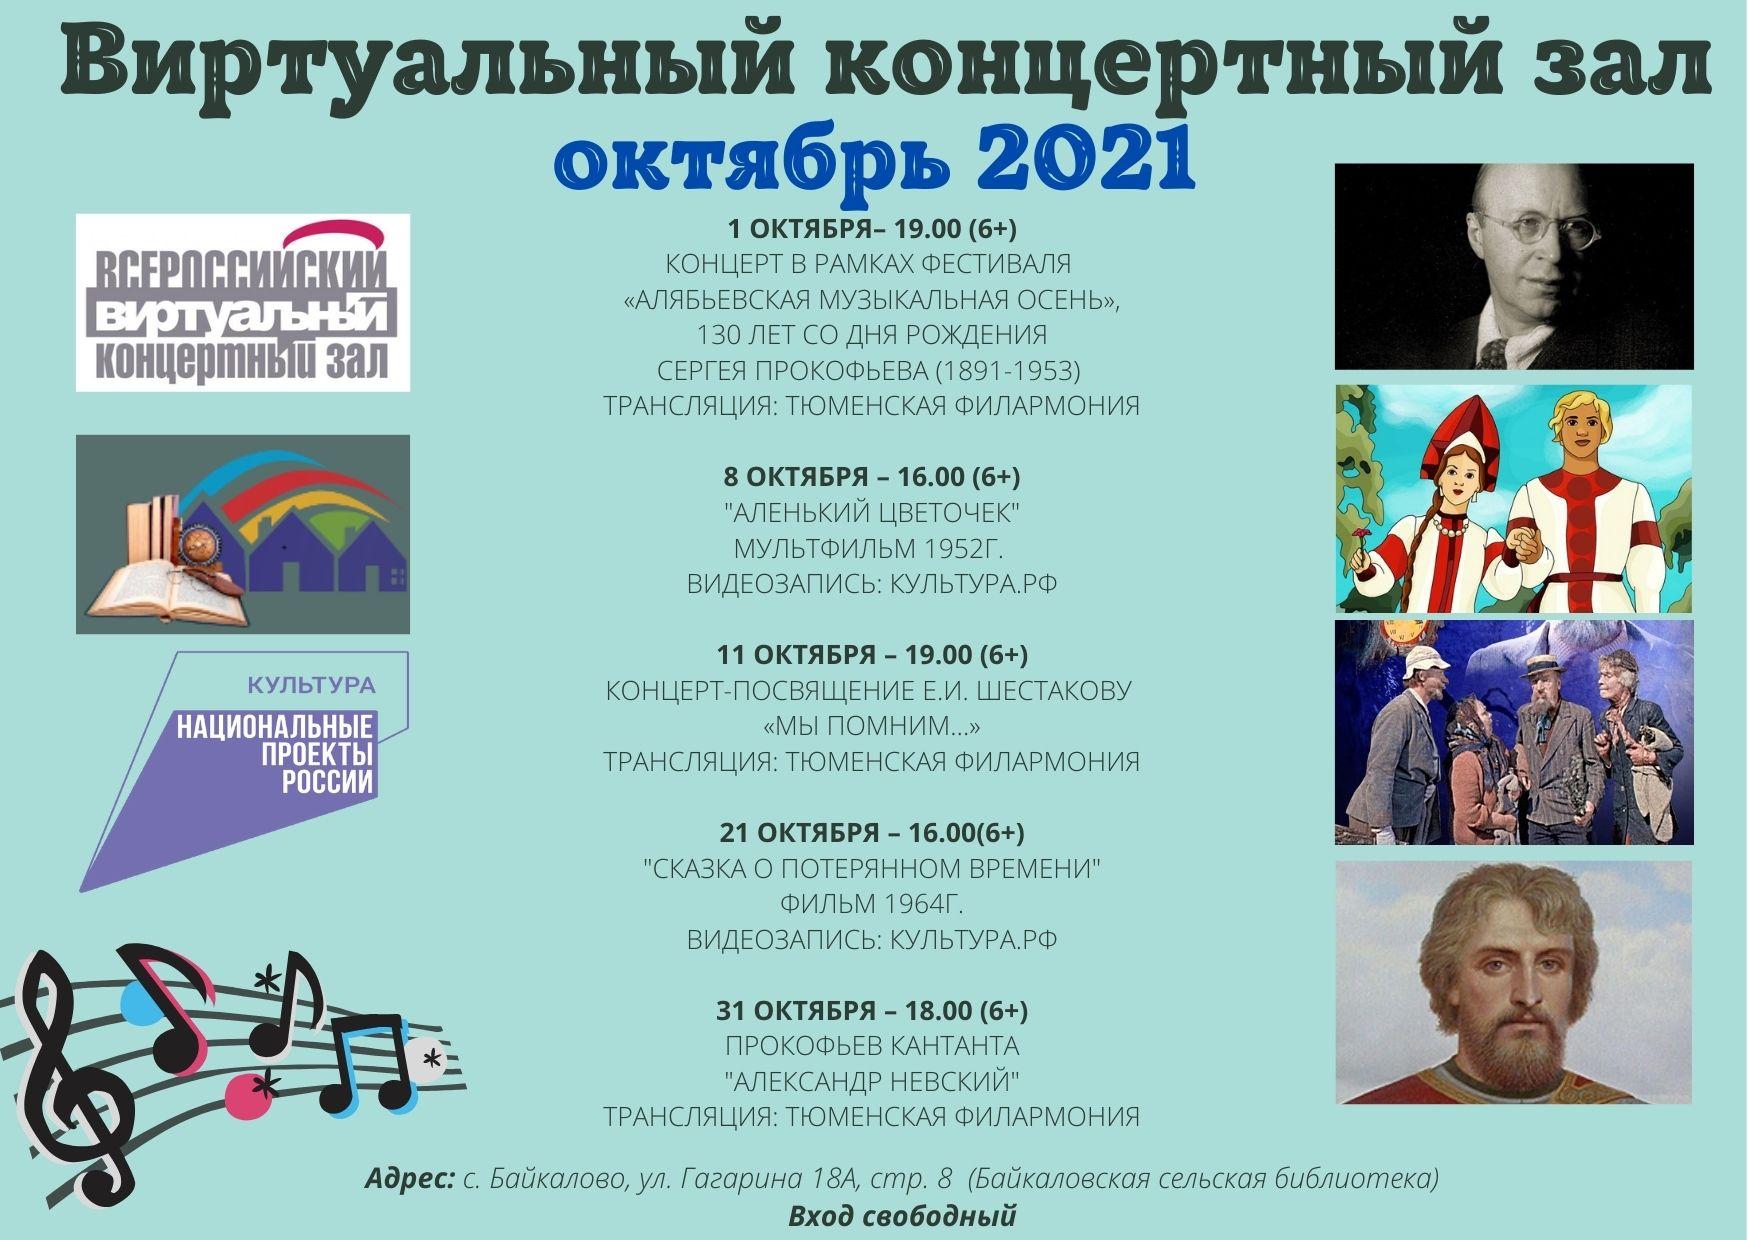 виртуальный концертный зал октябрь